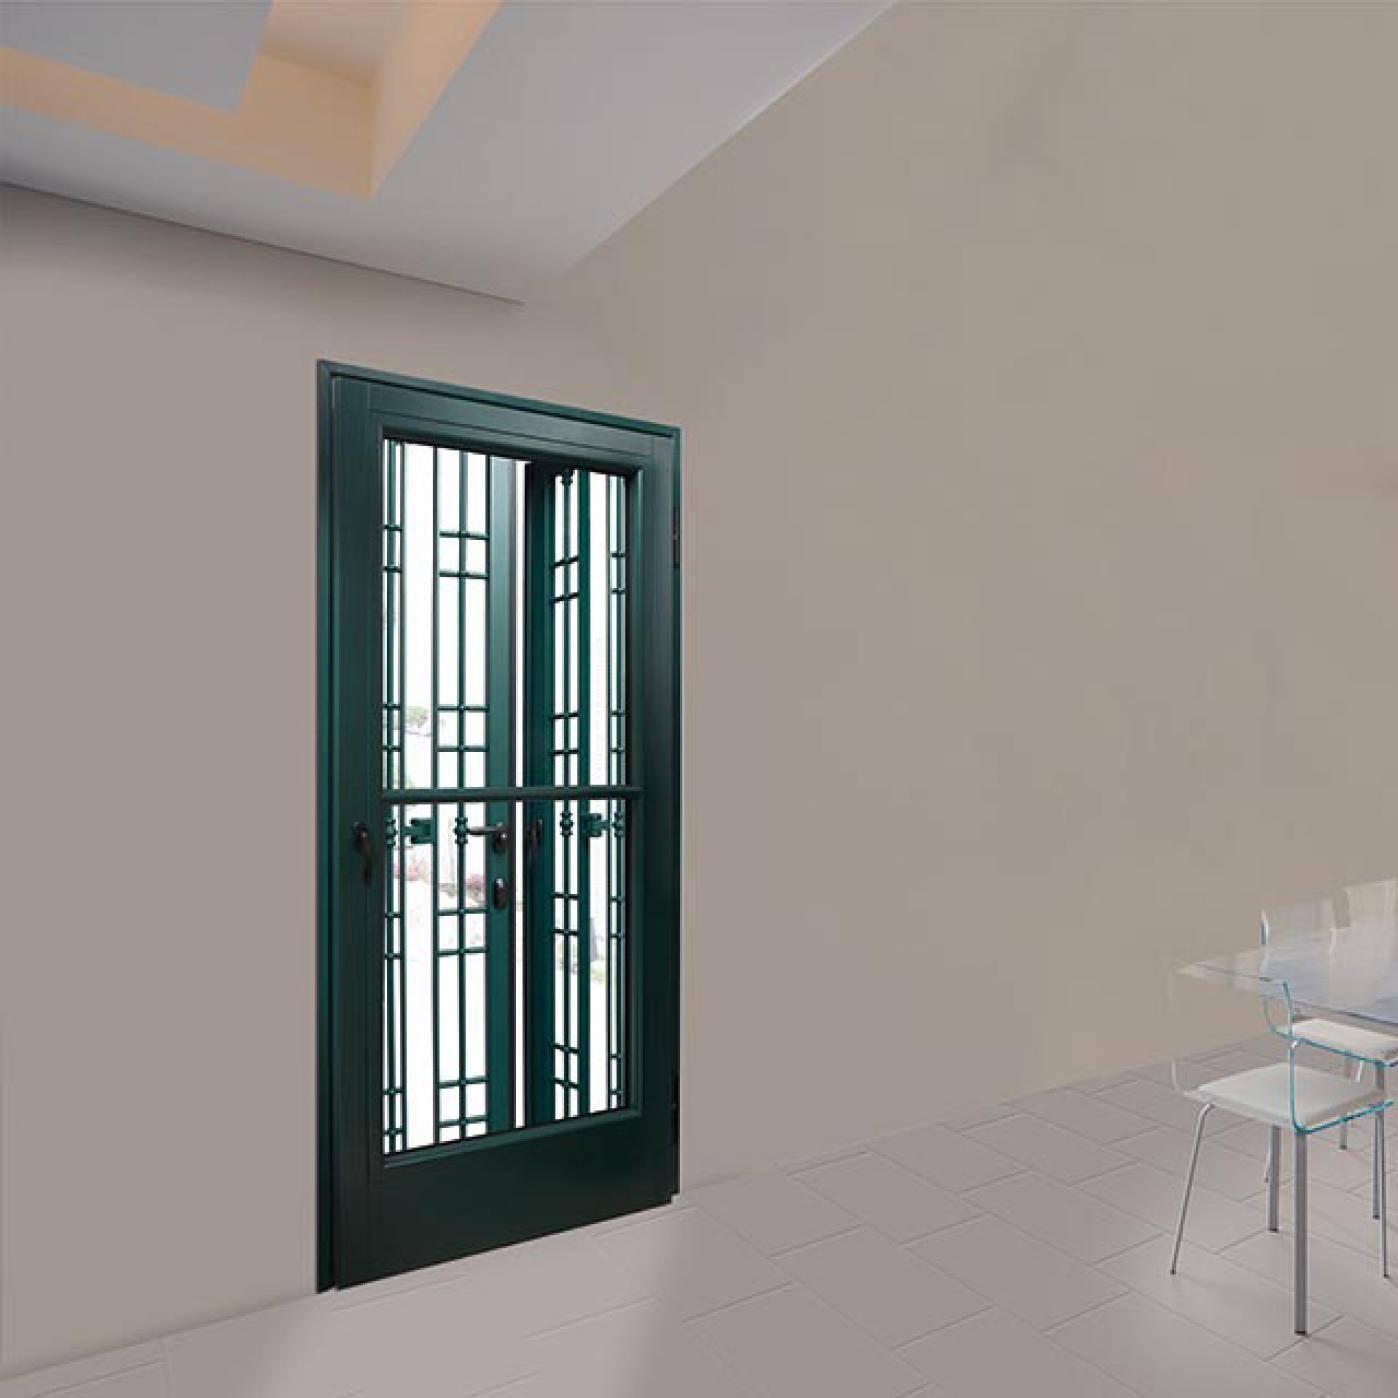 Reja de seguridad amovible / para ventana / para puerta - GRETA - Dierre